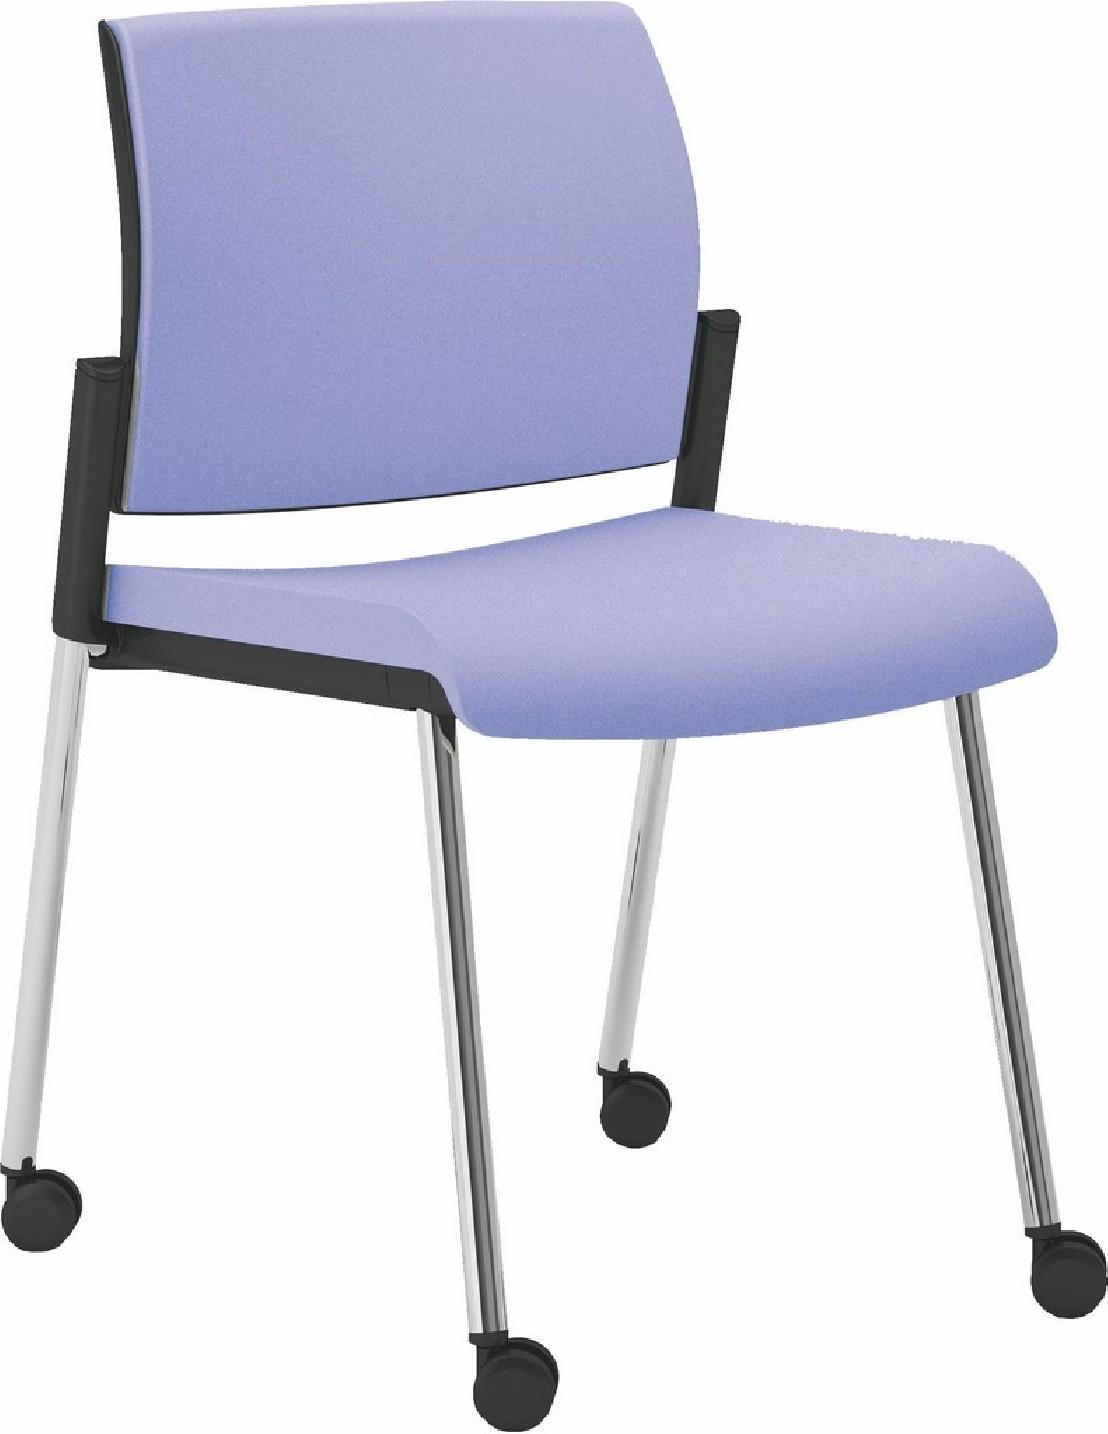 Chaise de r union conf rence de bureau roulettes office 70 - Chaise de bureau a roulettes ...